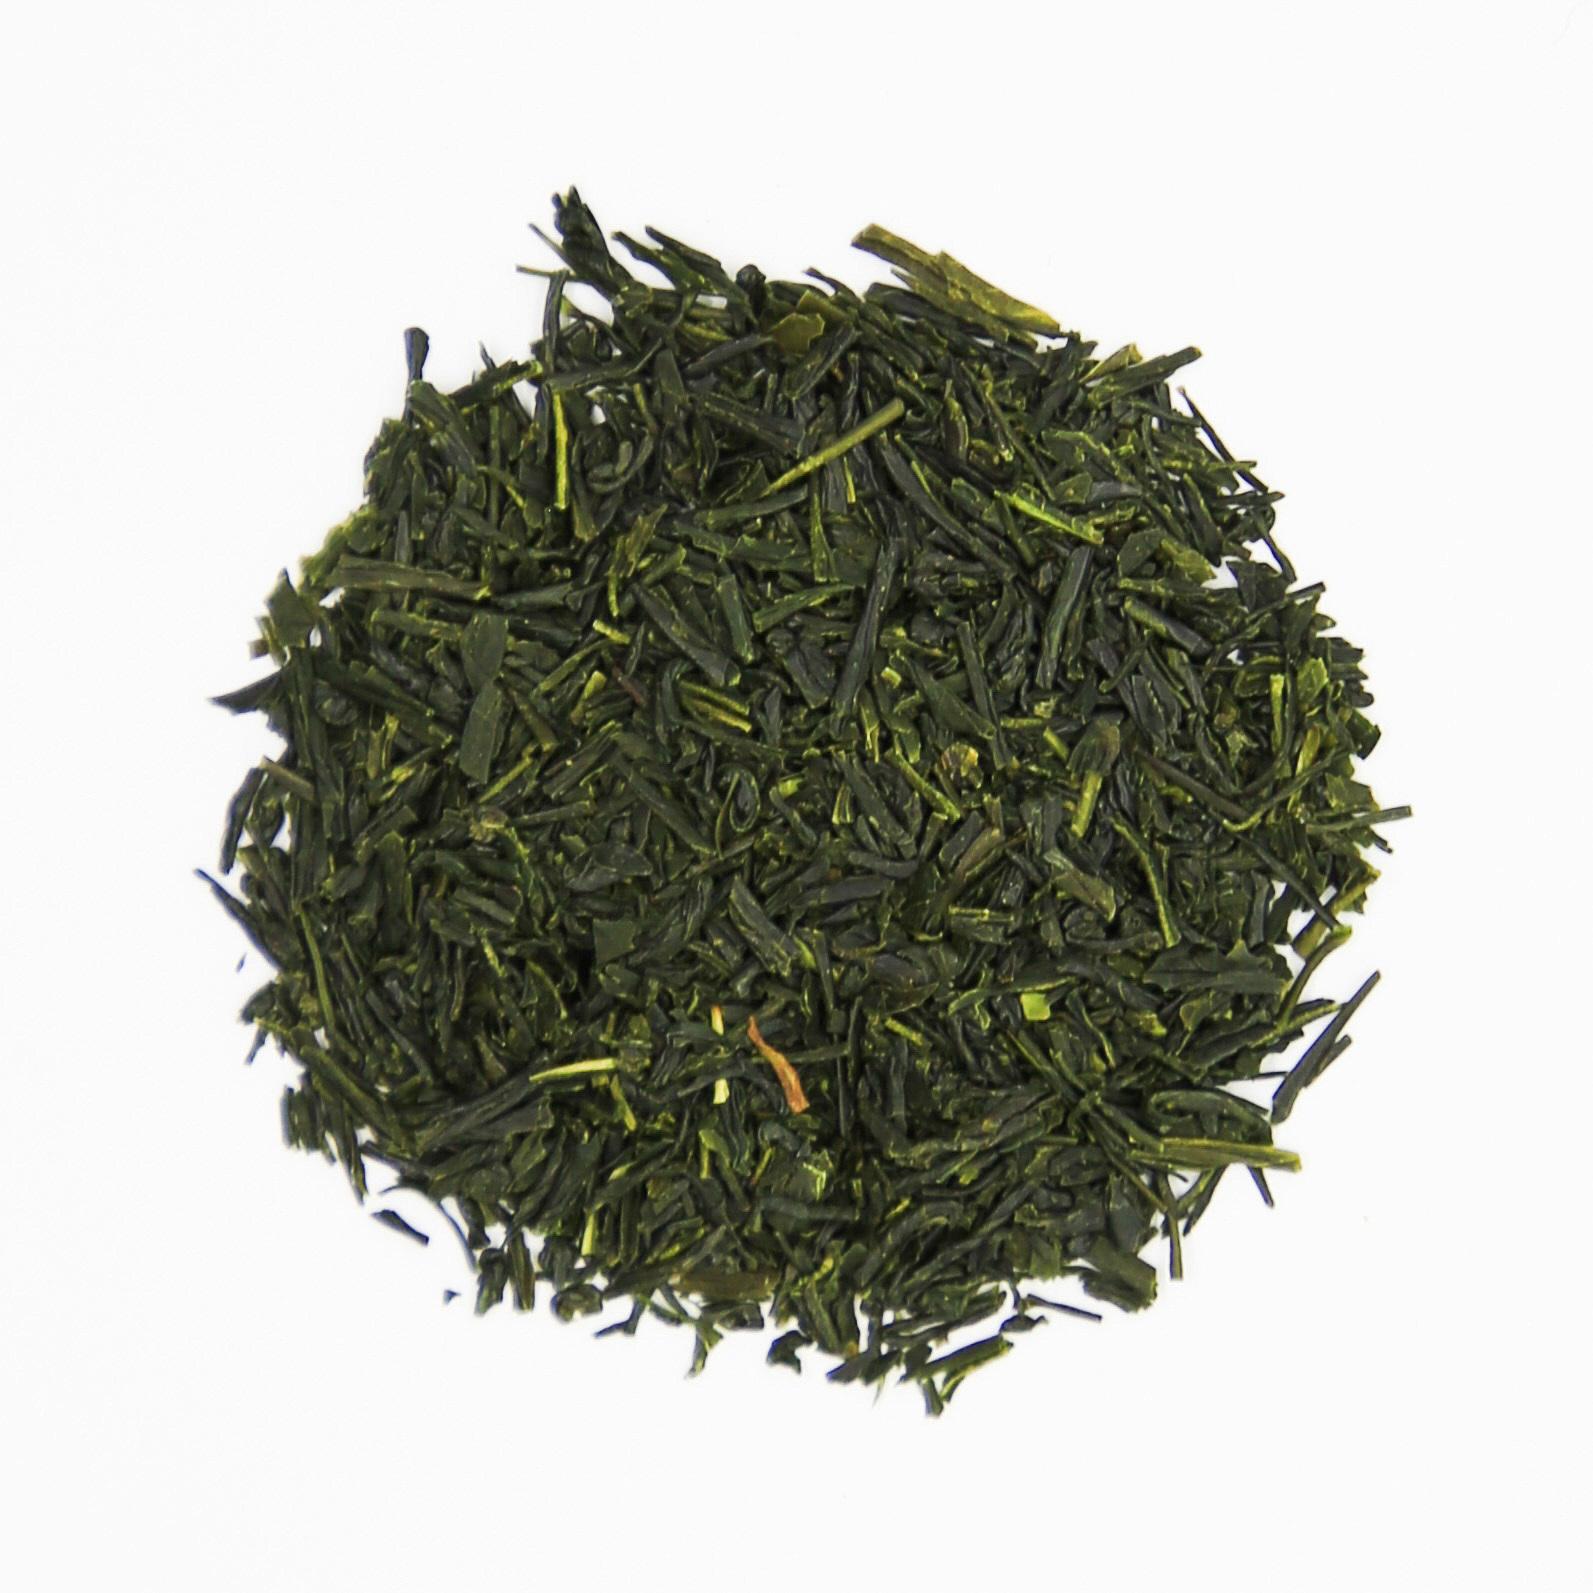 【法人様向け】アールグレイ煎茶